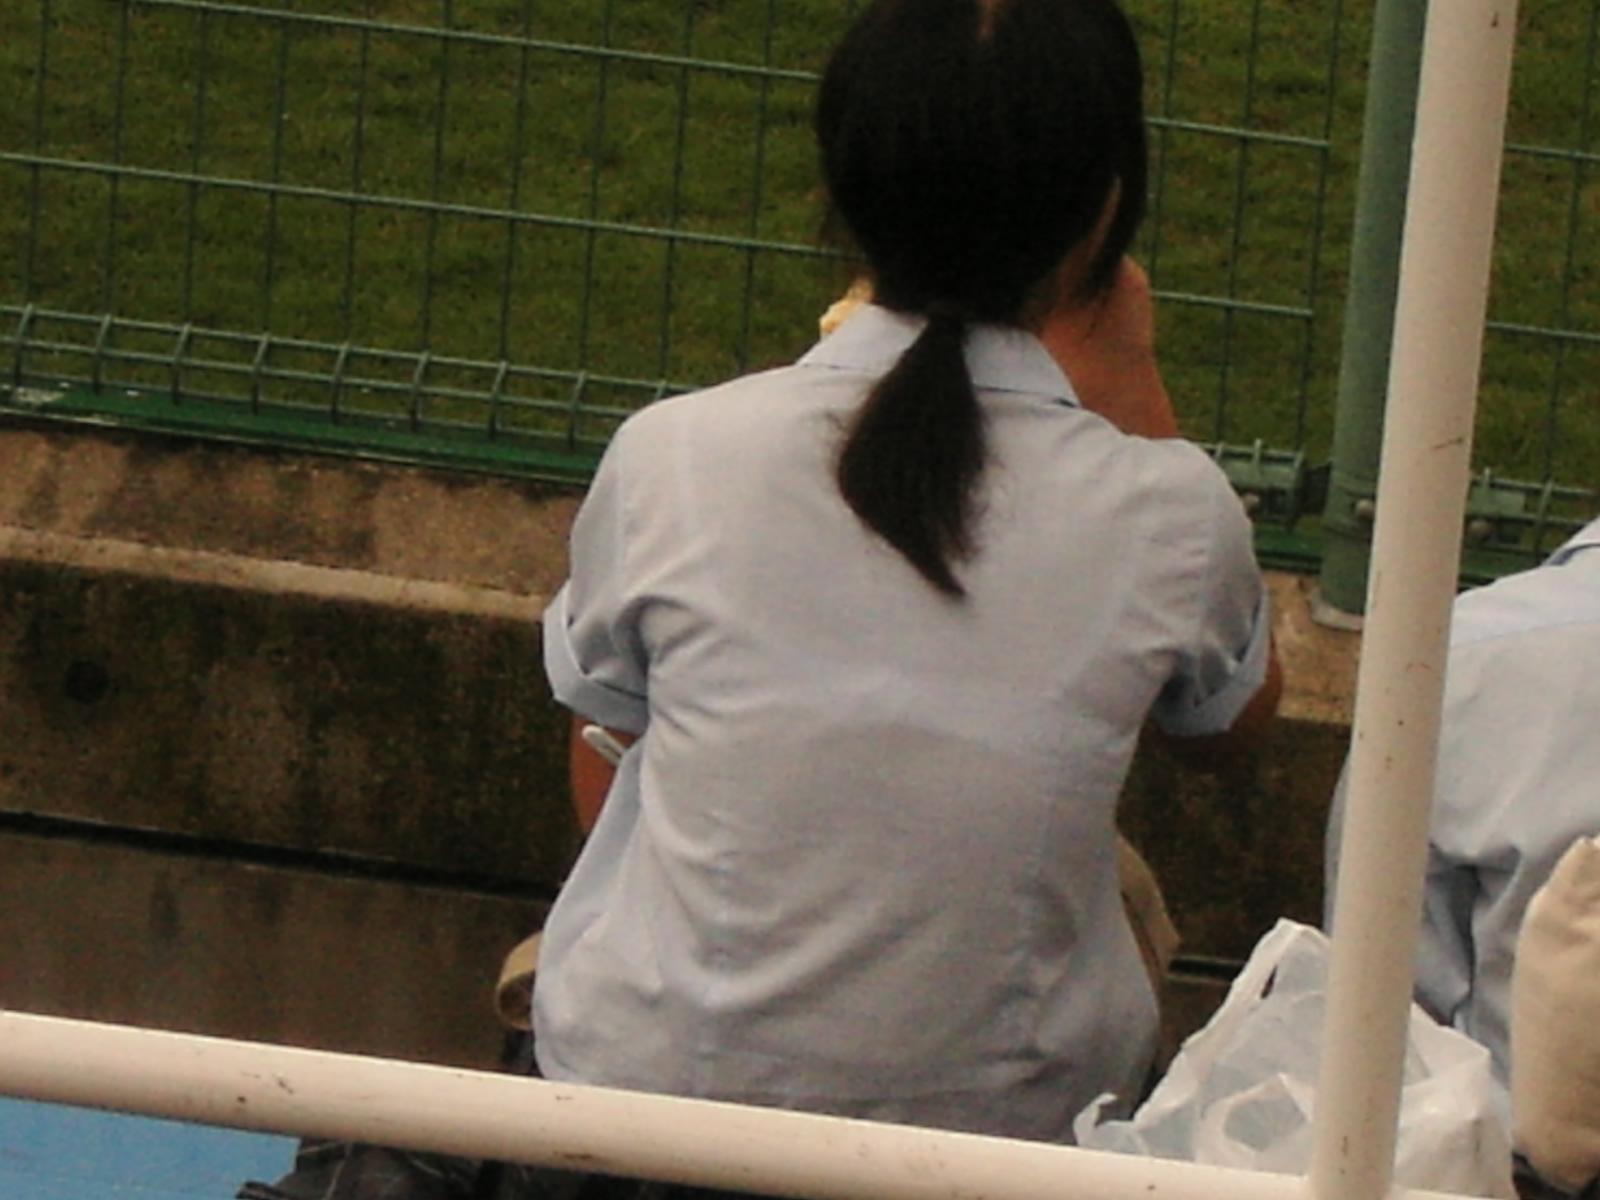 【JK隠し撮り画像】夏服越しにうっすら見える透けブラで萌える画像 03